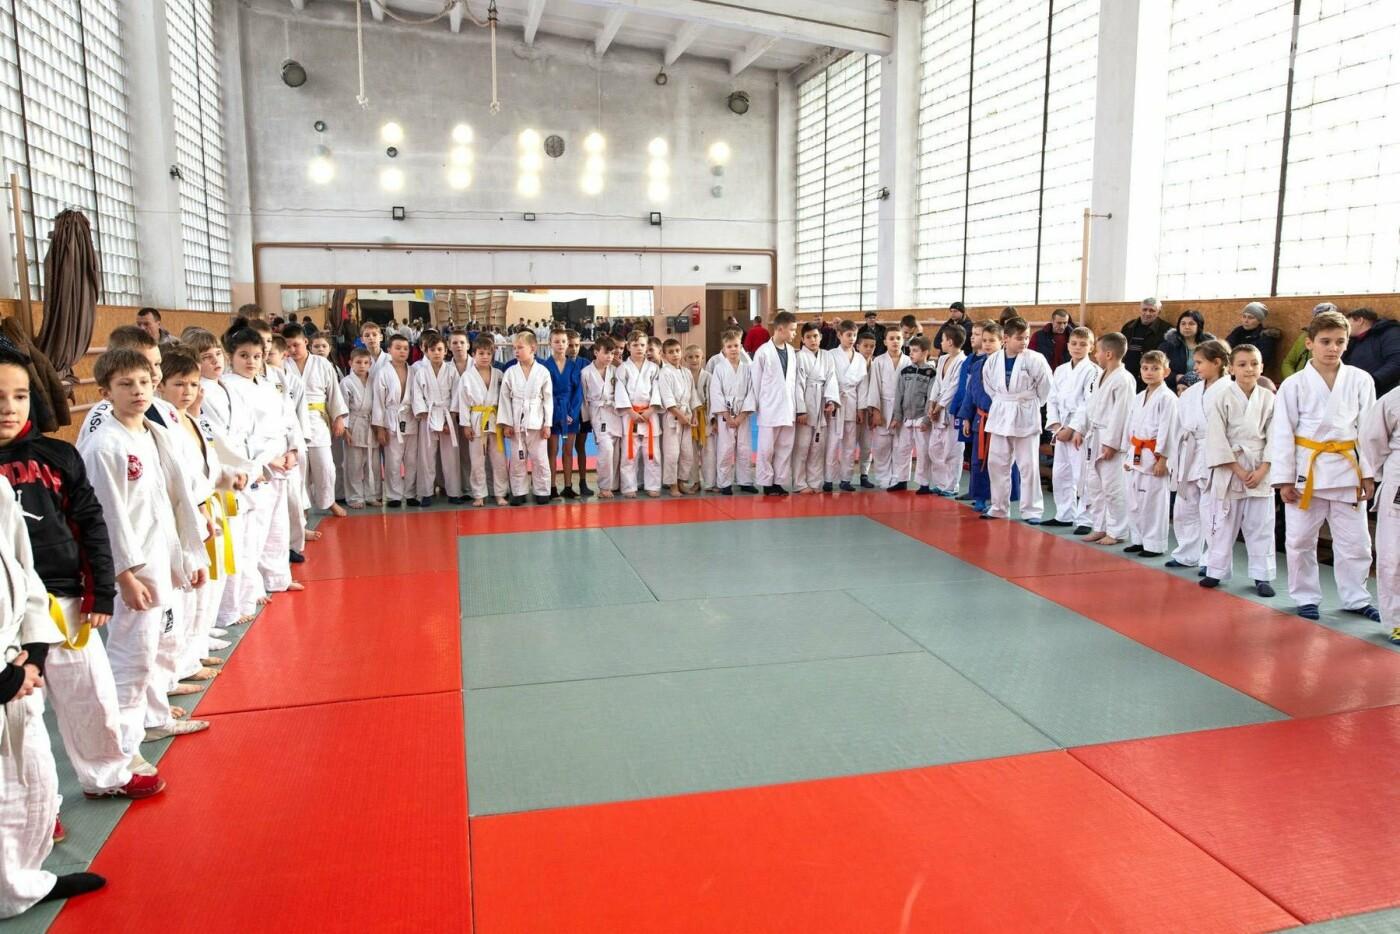 В Кривом Роге состоялся открытый Новогодний турнир по дзюдо, - ФОТО, фото-1